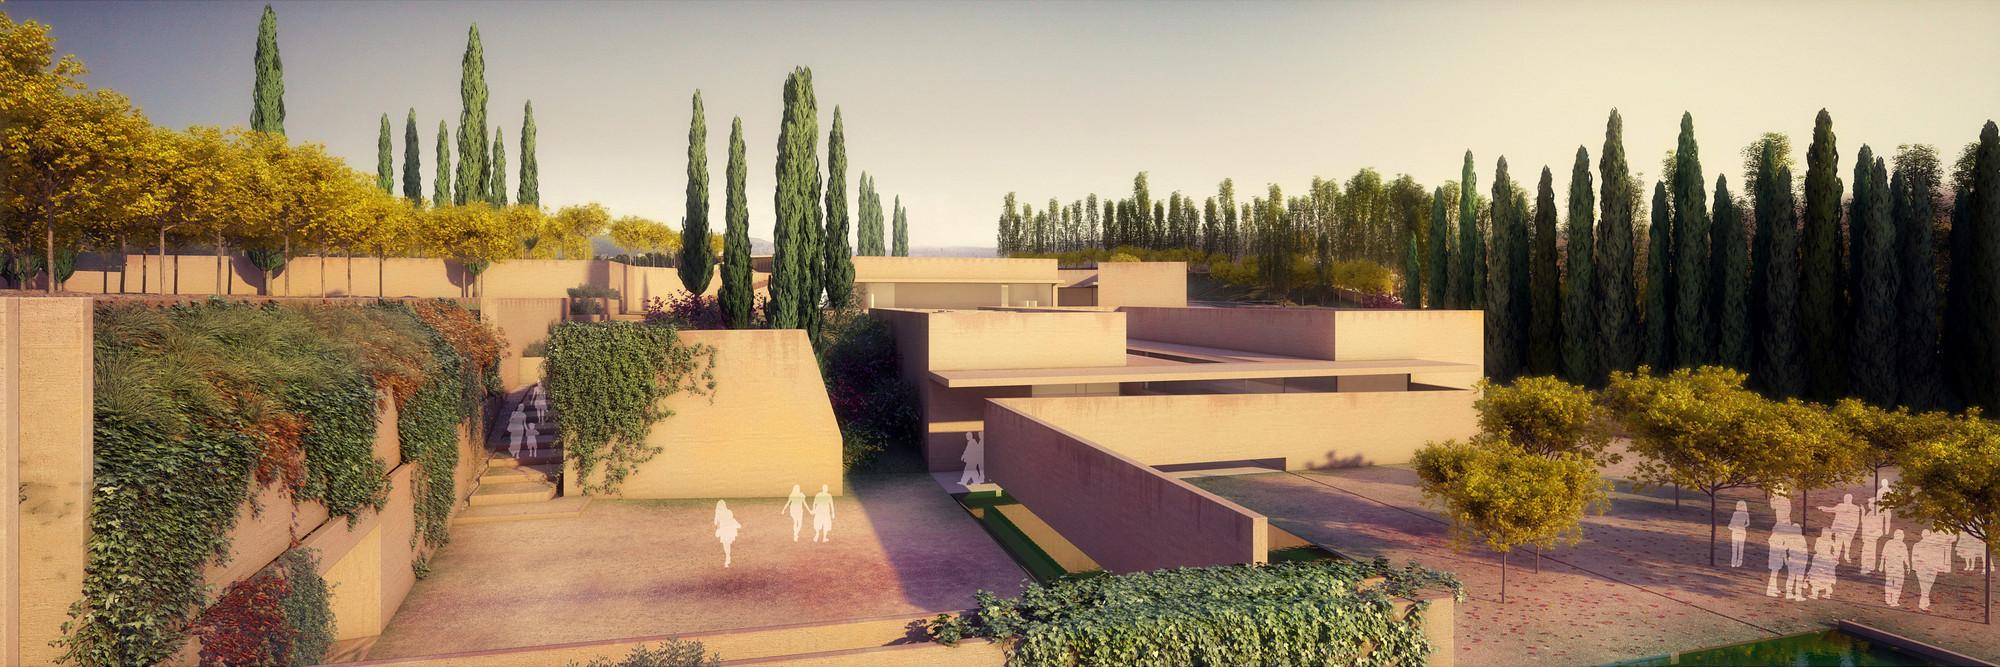 Álvaro Siza y Juan Domingo Santos diseñarán nuevo atrio de la Alhambra, Nueva Puerta. Imagen © Alvaro Siza Vieira + Juan Domingo Santos; Rendering by LT Studios